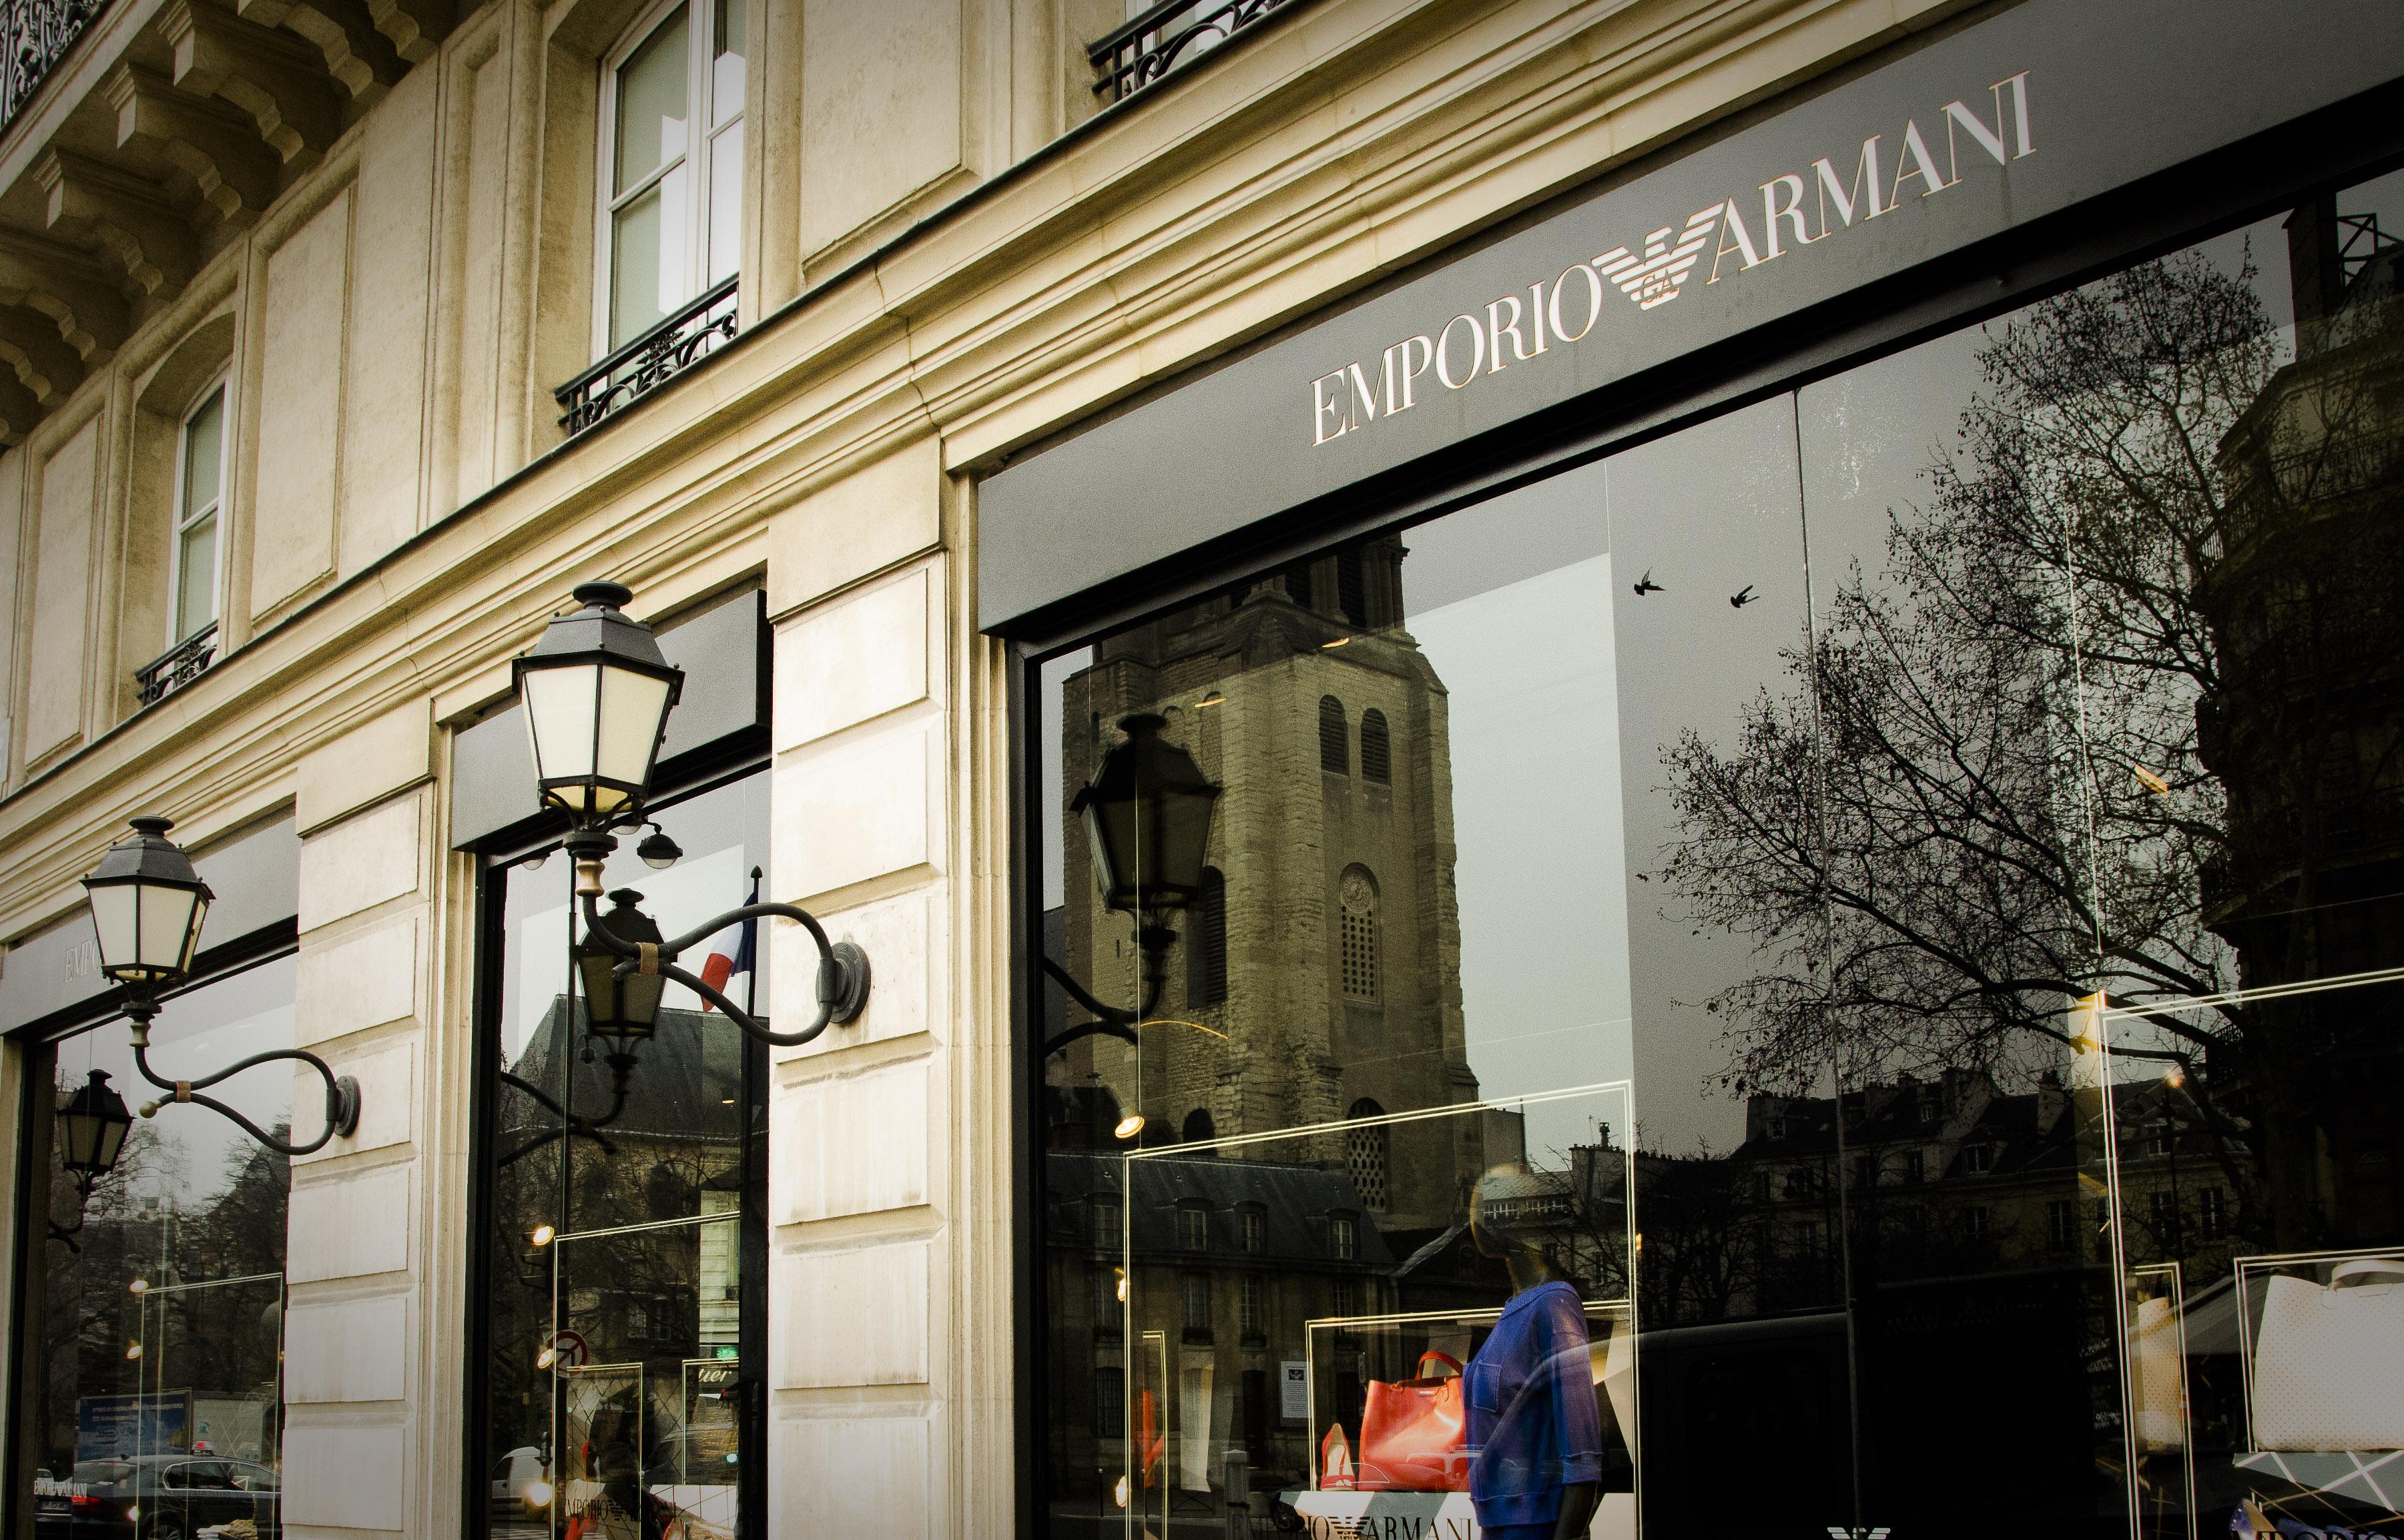 L'enseigne Giorgio Armani qui a remplacé le Drugstore Publicis au 149 boulevard Saint-Germain (Florian Maussion / 3millions7)